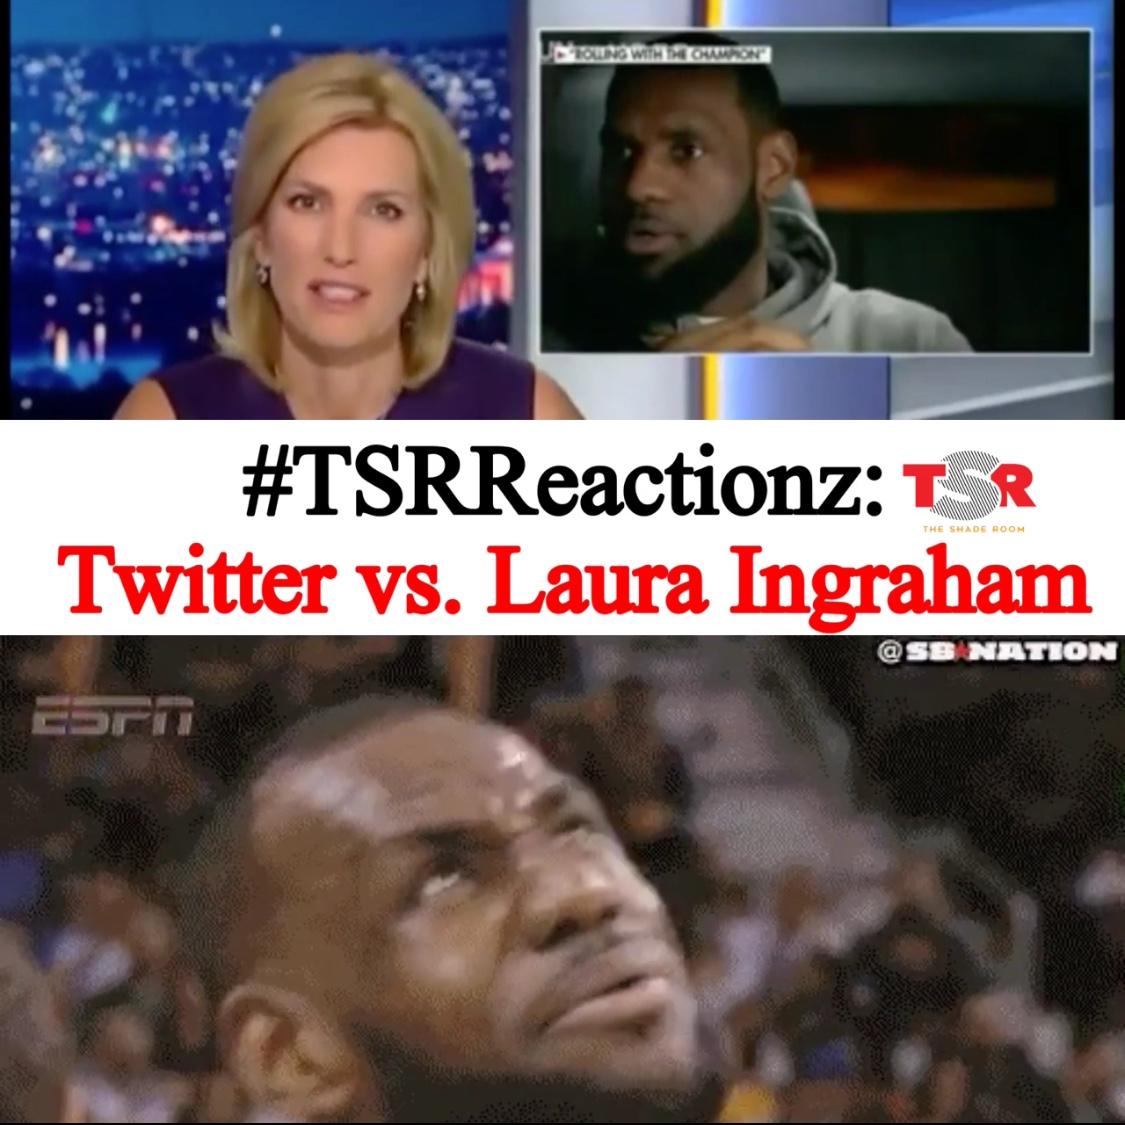 Twitter vs. Laura Ingraham